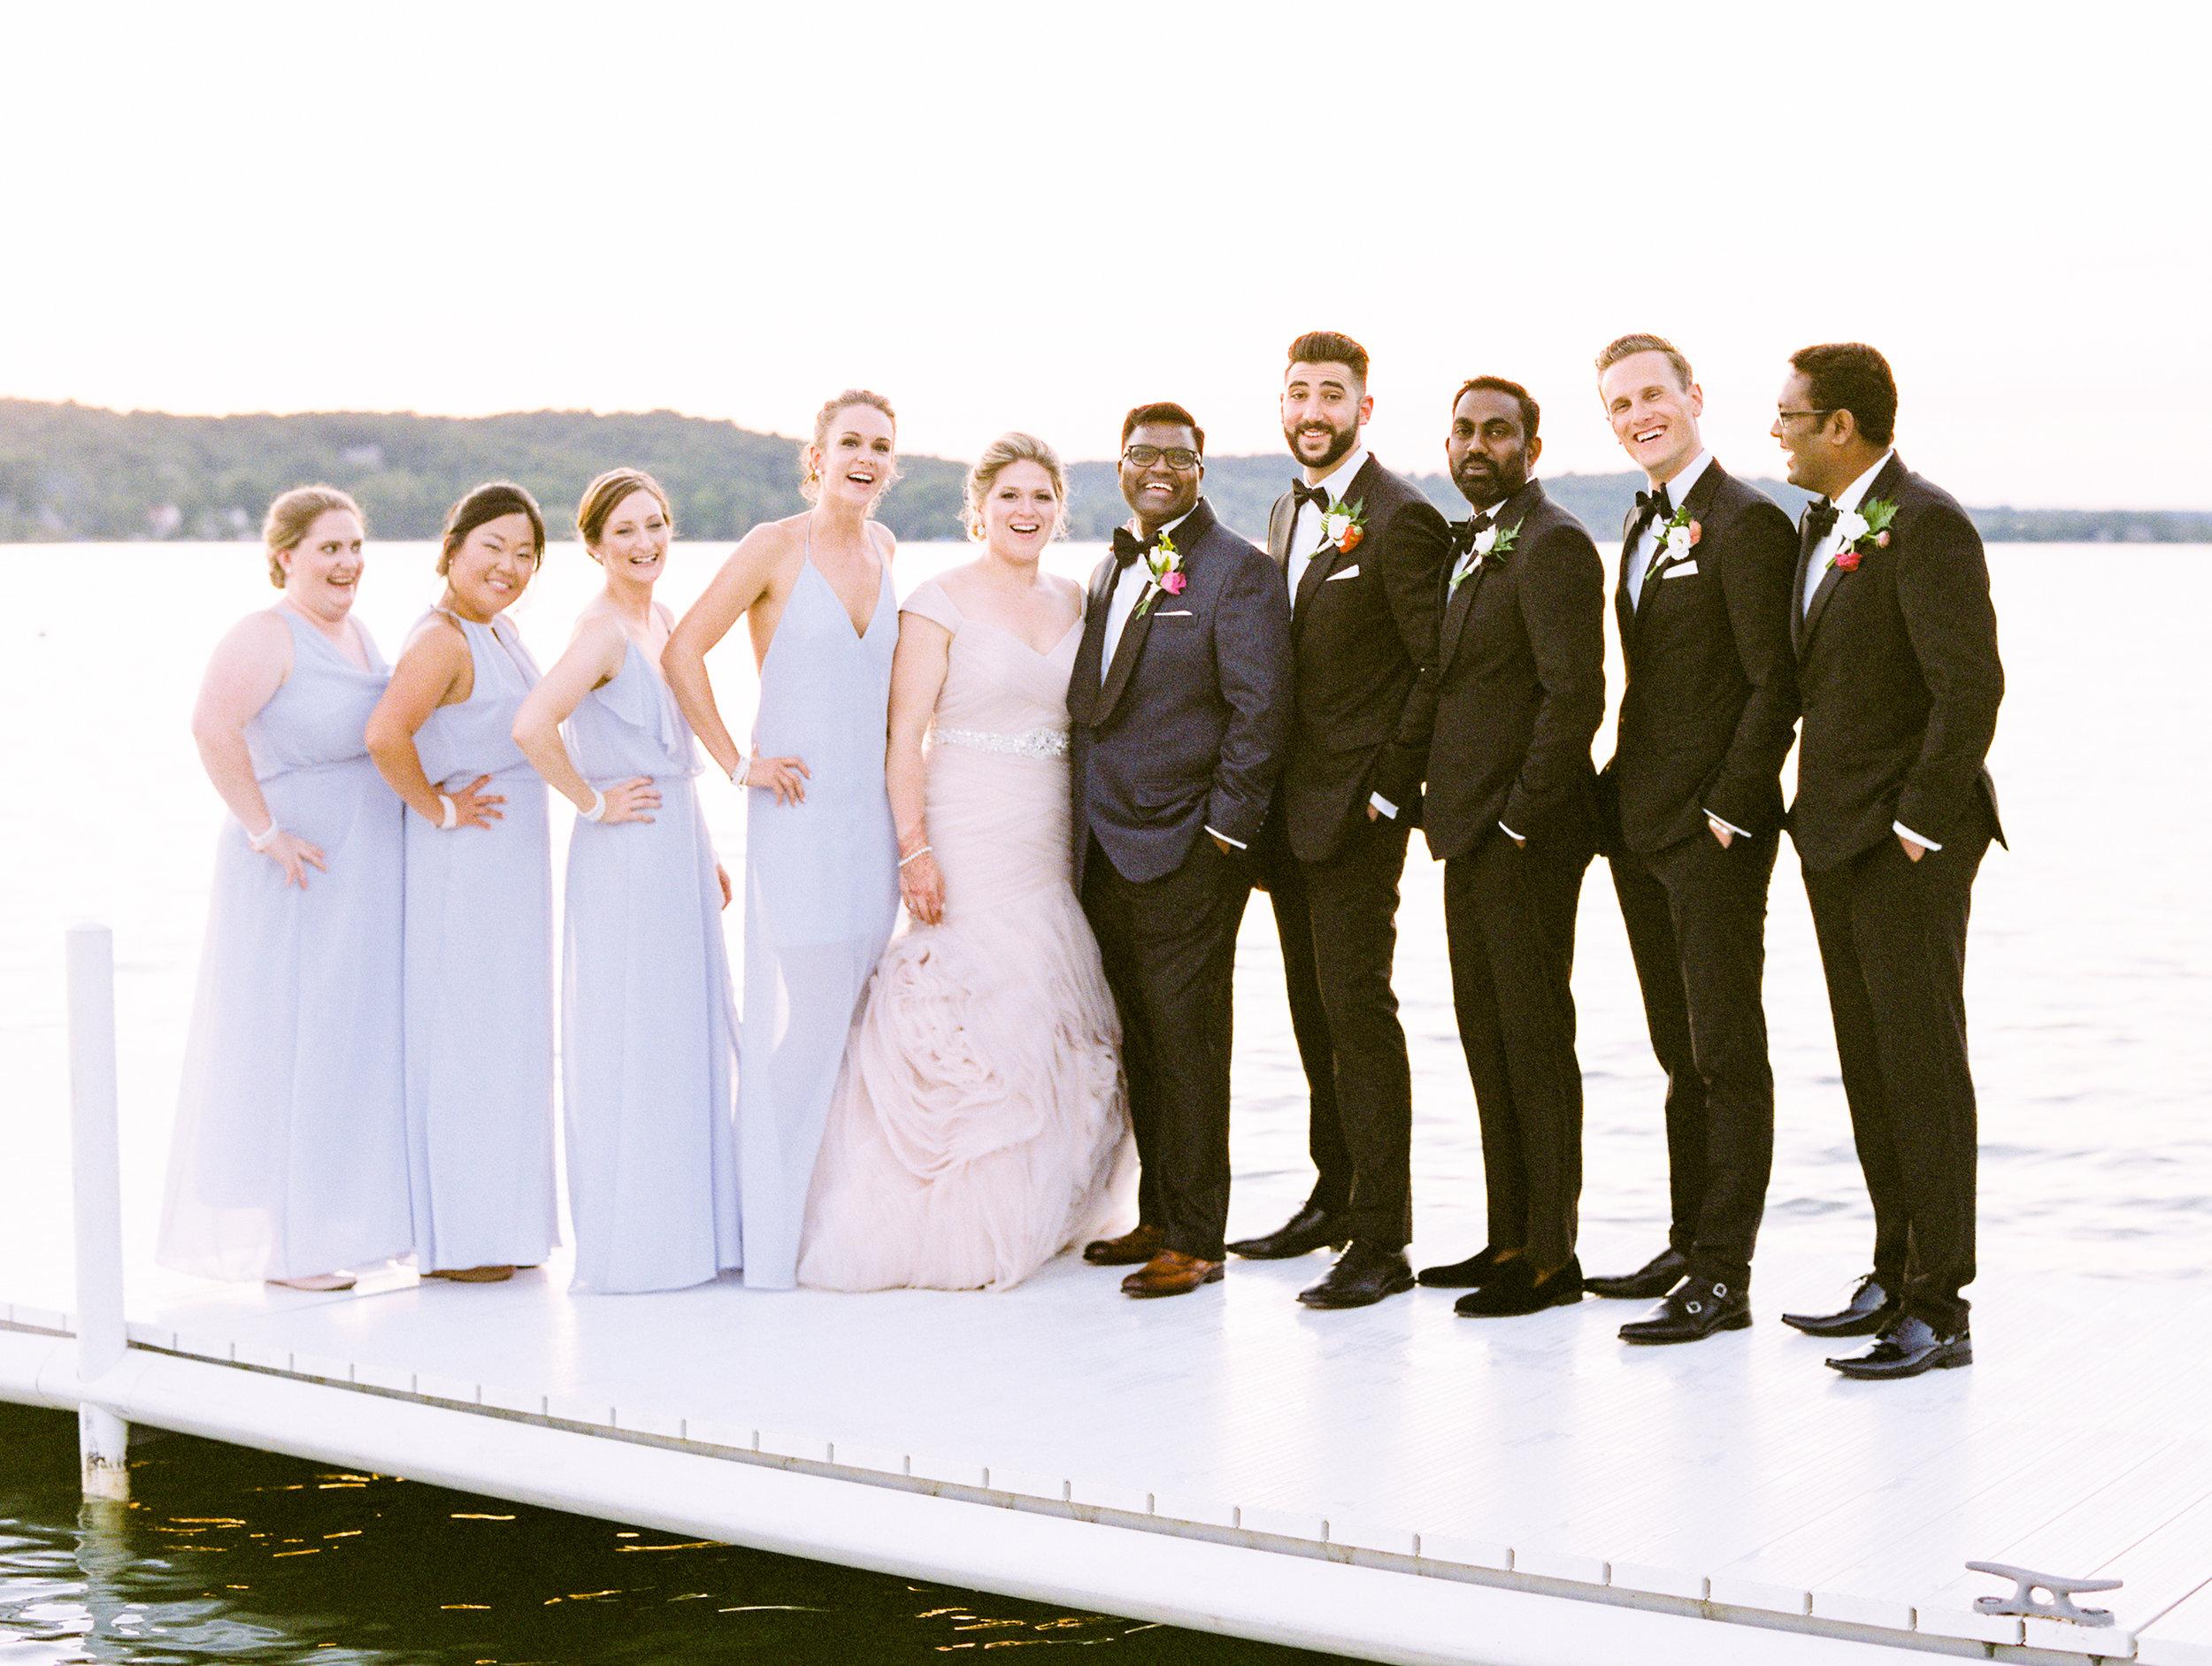 Govathoti+Wedding+Reception+BridalParty-63.jpg